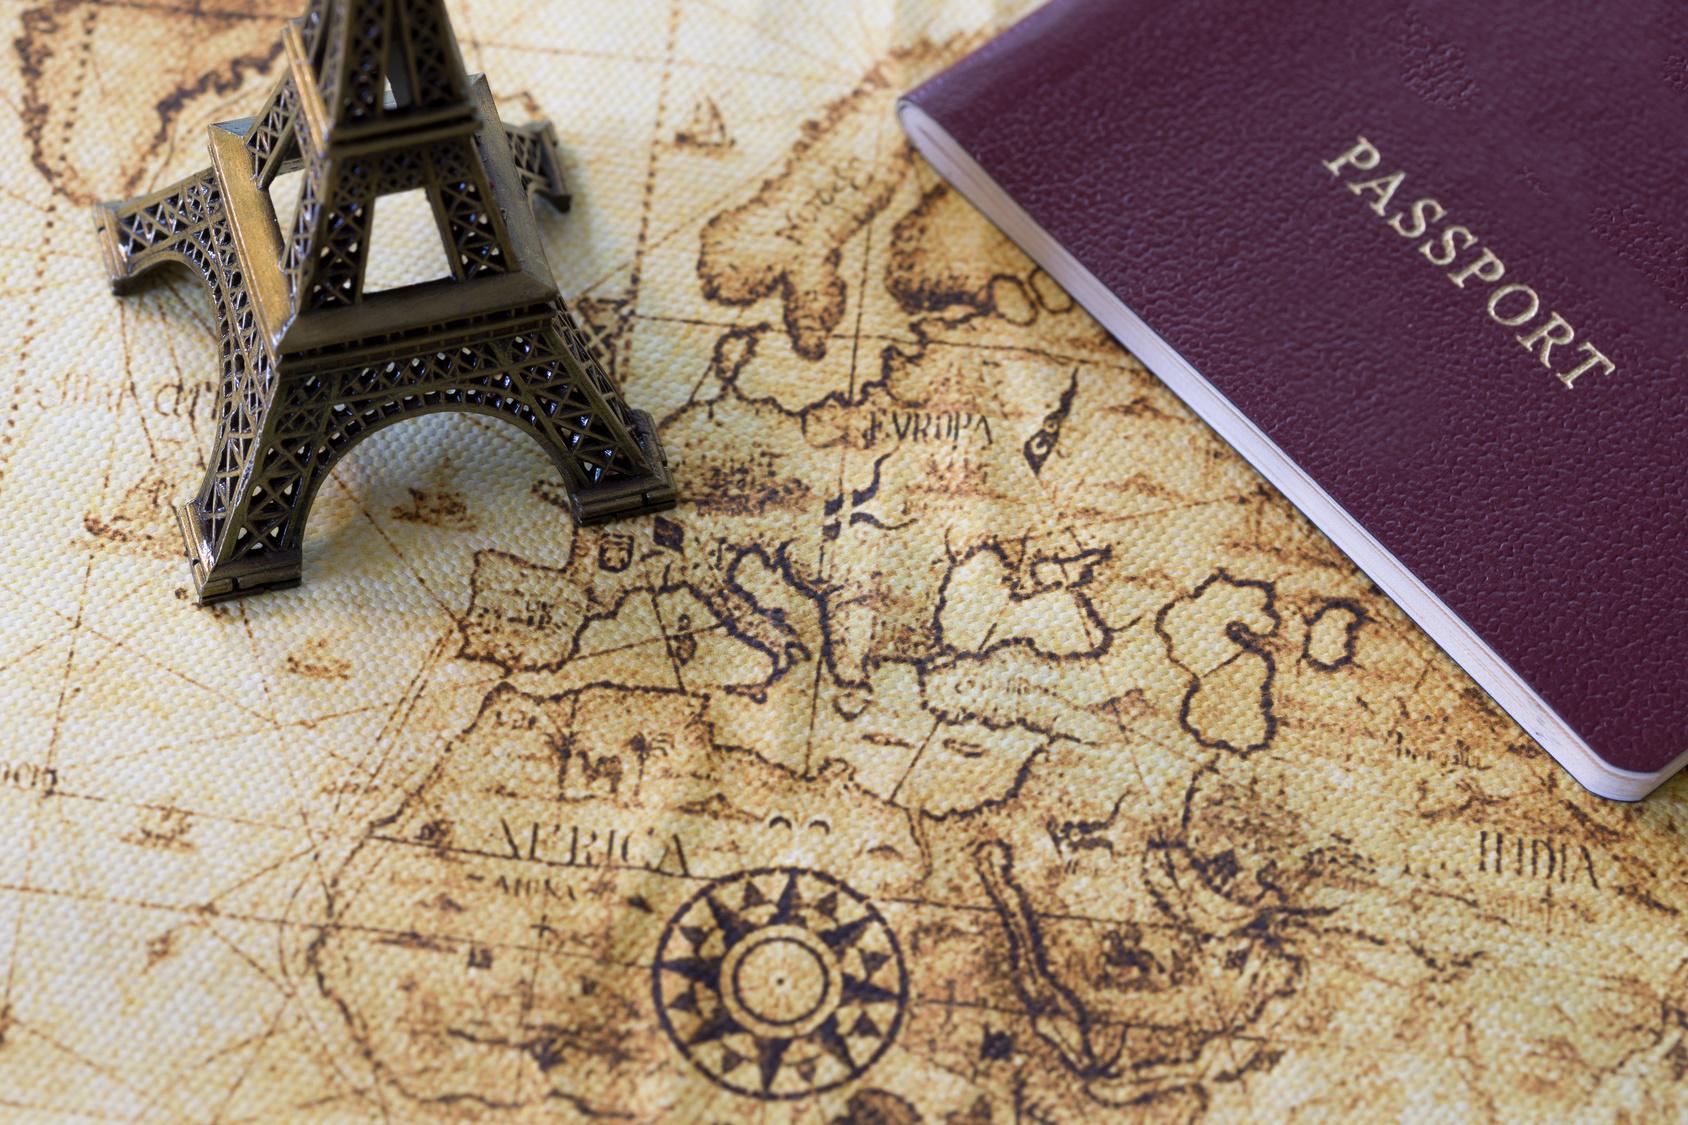 Visa VLS-TS pour étudiants étrangers : ce que vous devez savoir